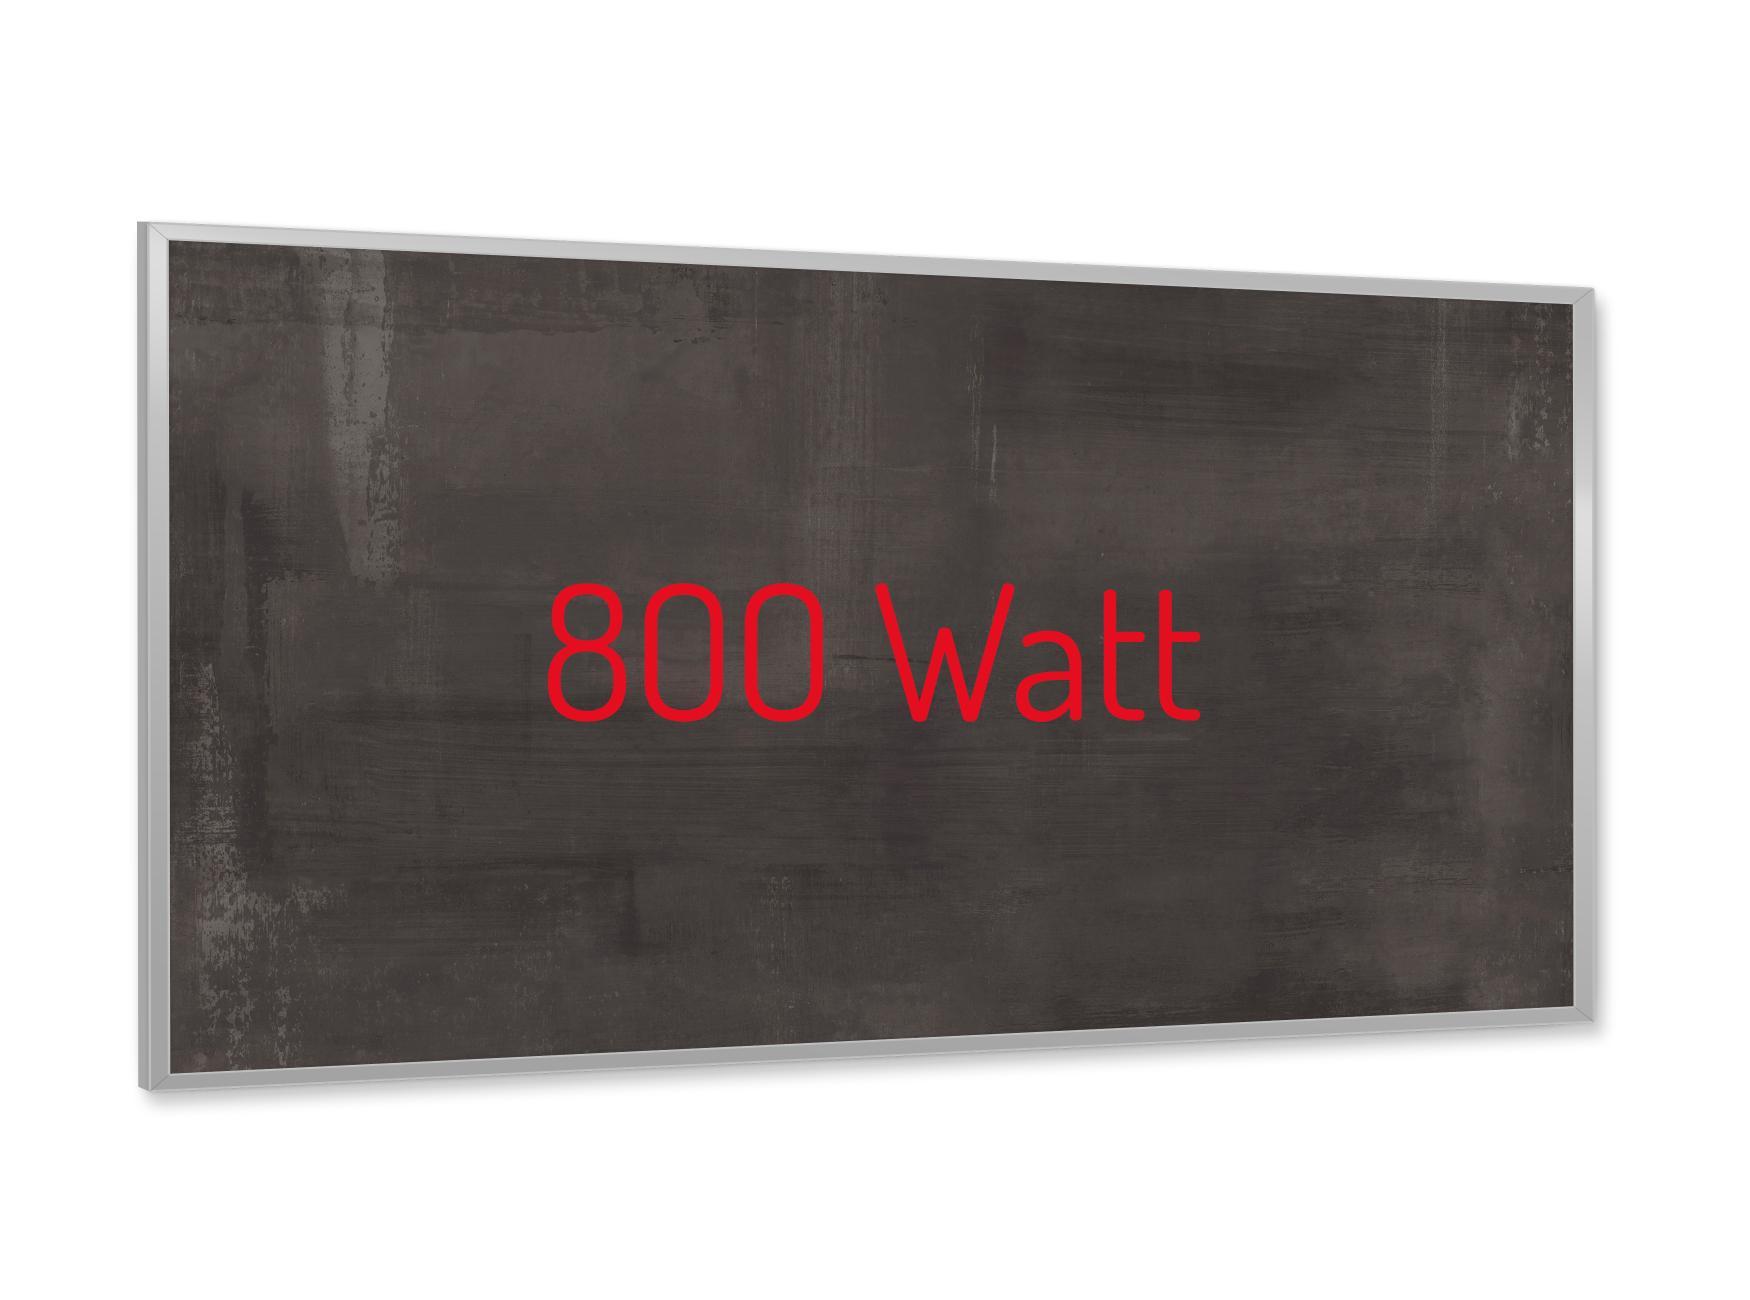 PowerSun Keramik Struktur NewYork 800 Watt 60x120cm